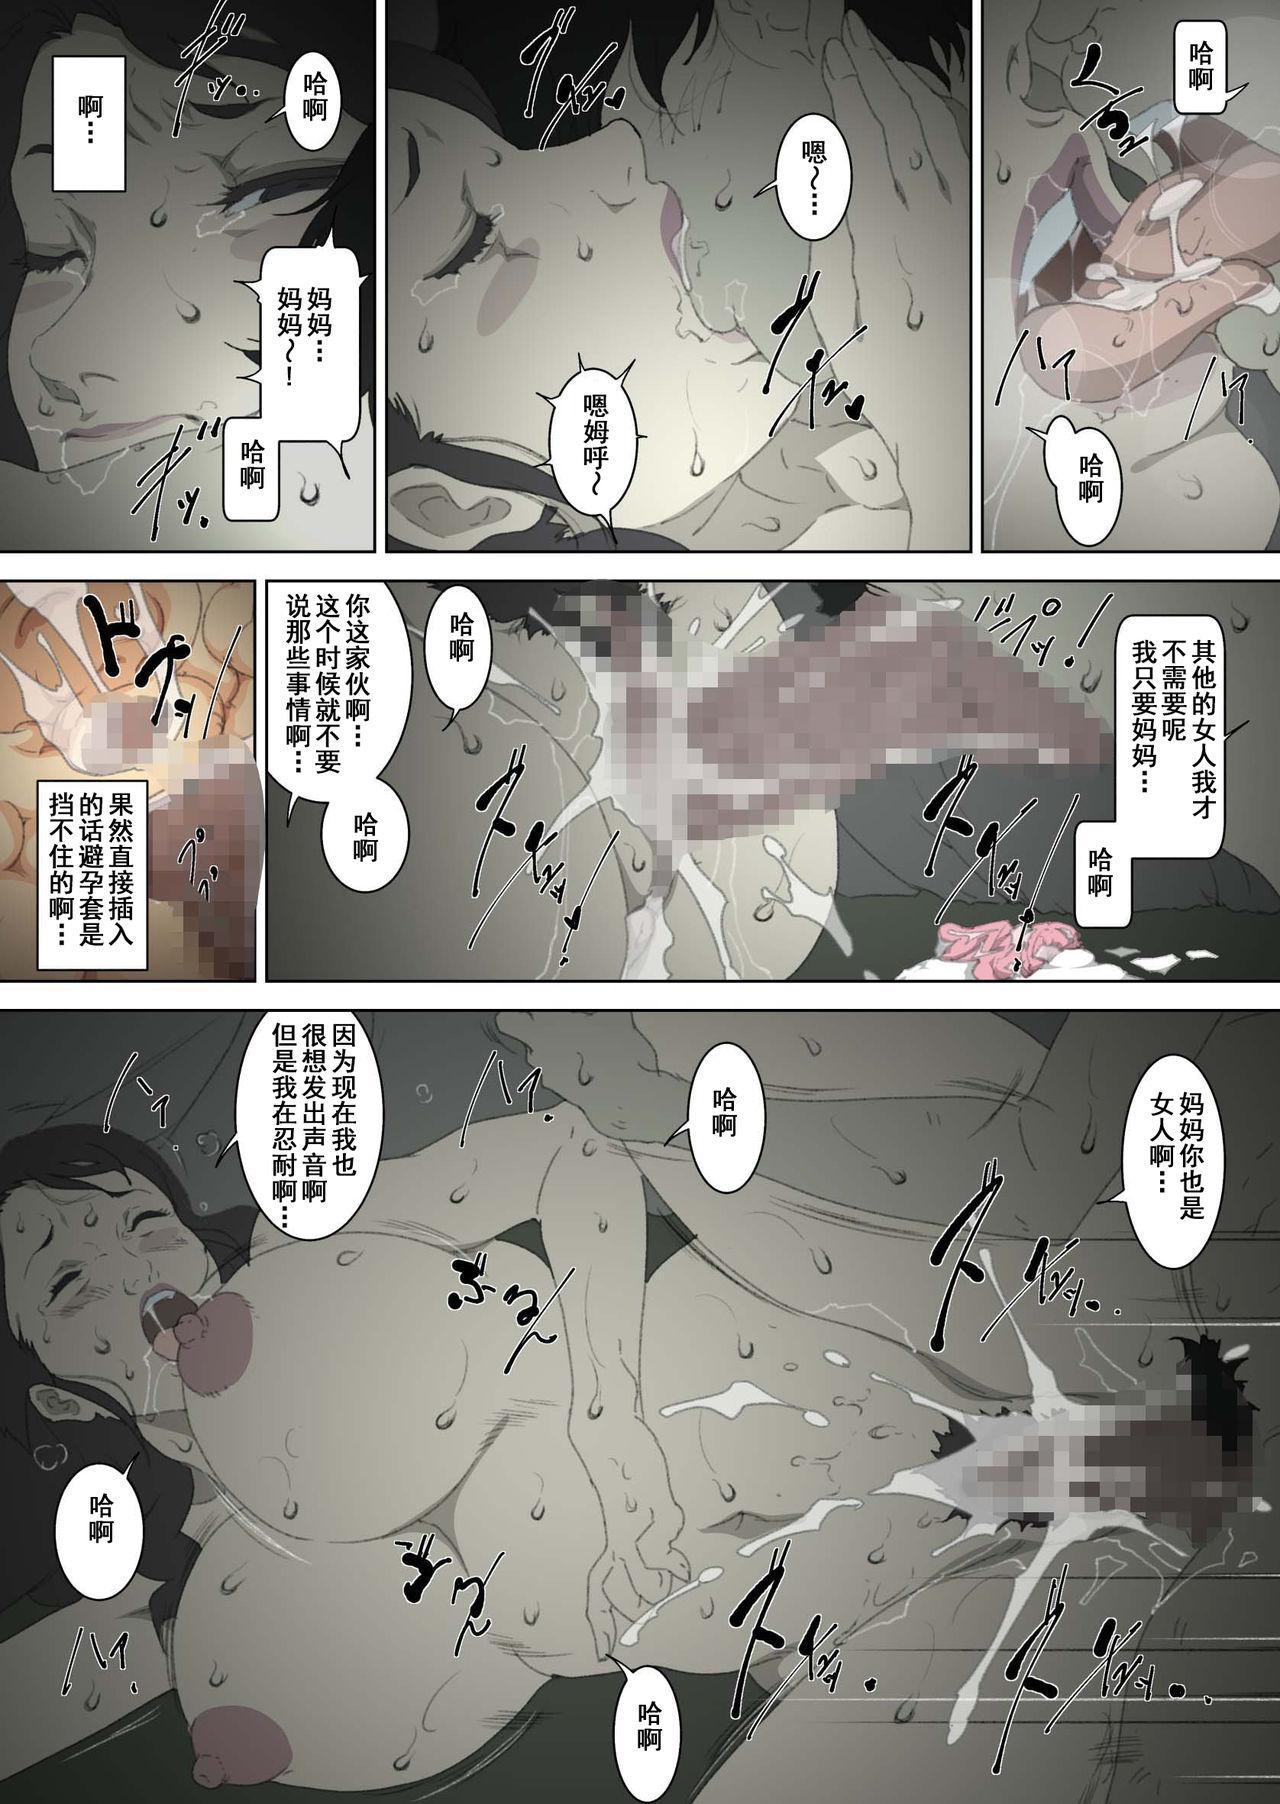 Ryoushin ga Neteiru Shinshitsu ni Shinobikomi, Hahaoya ni Yobai o Kakeru Musuko no Hanashi. 34